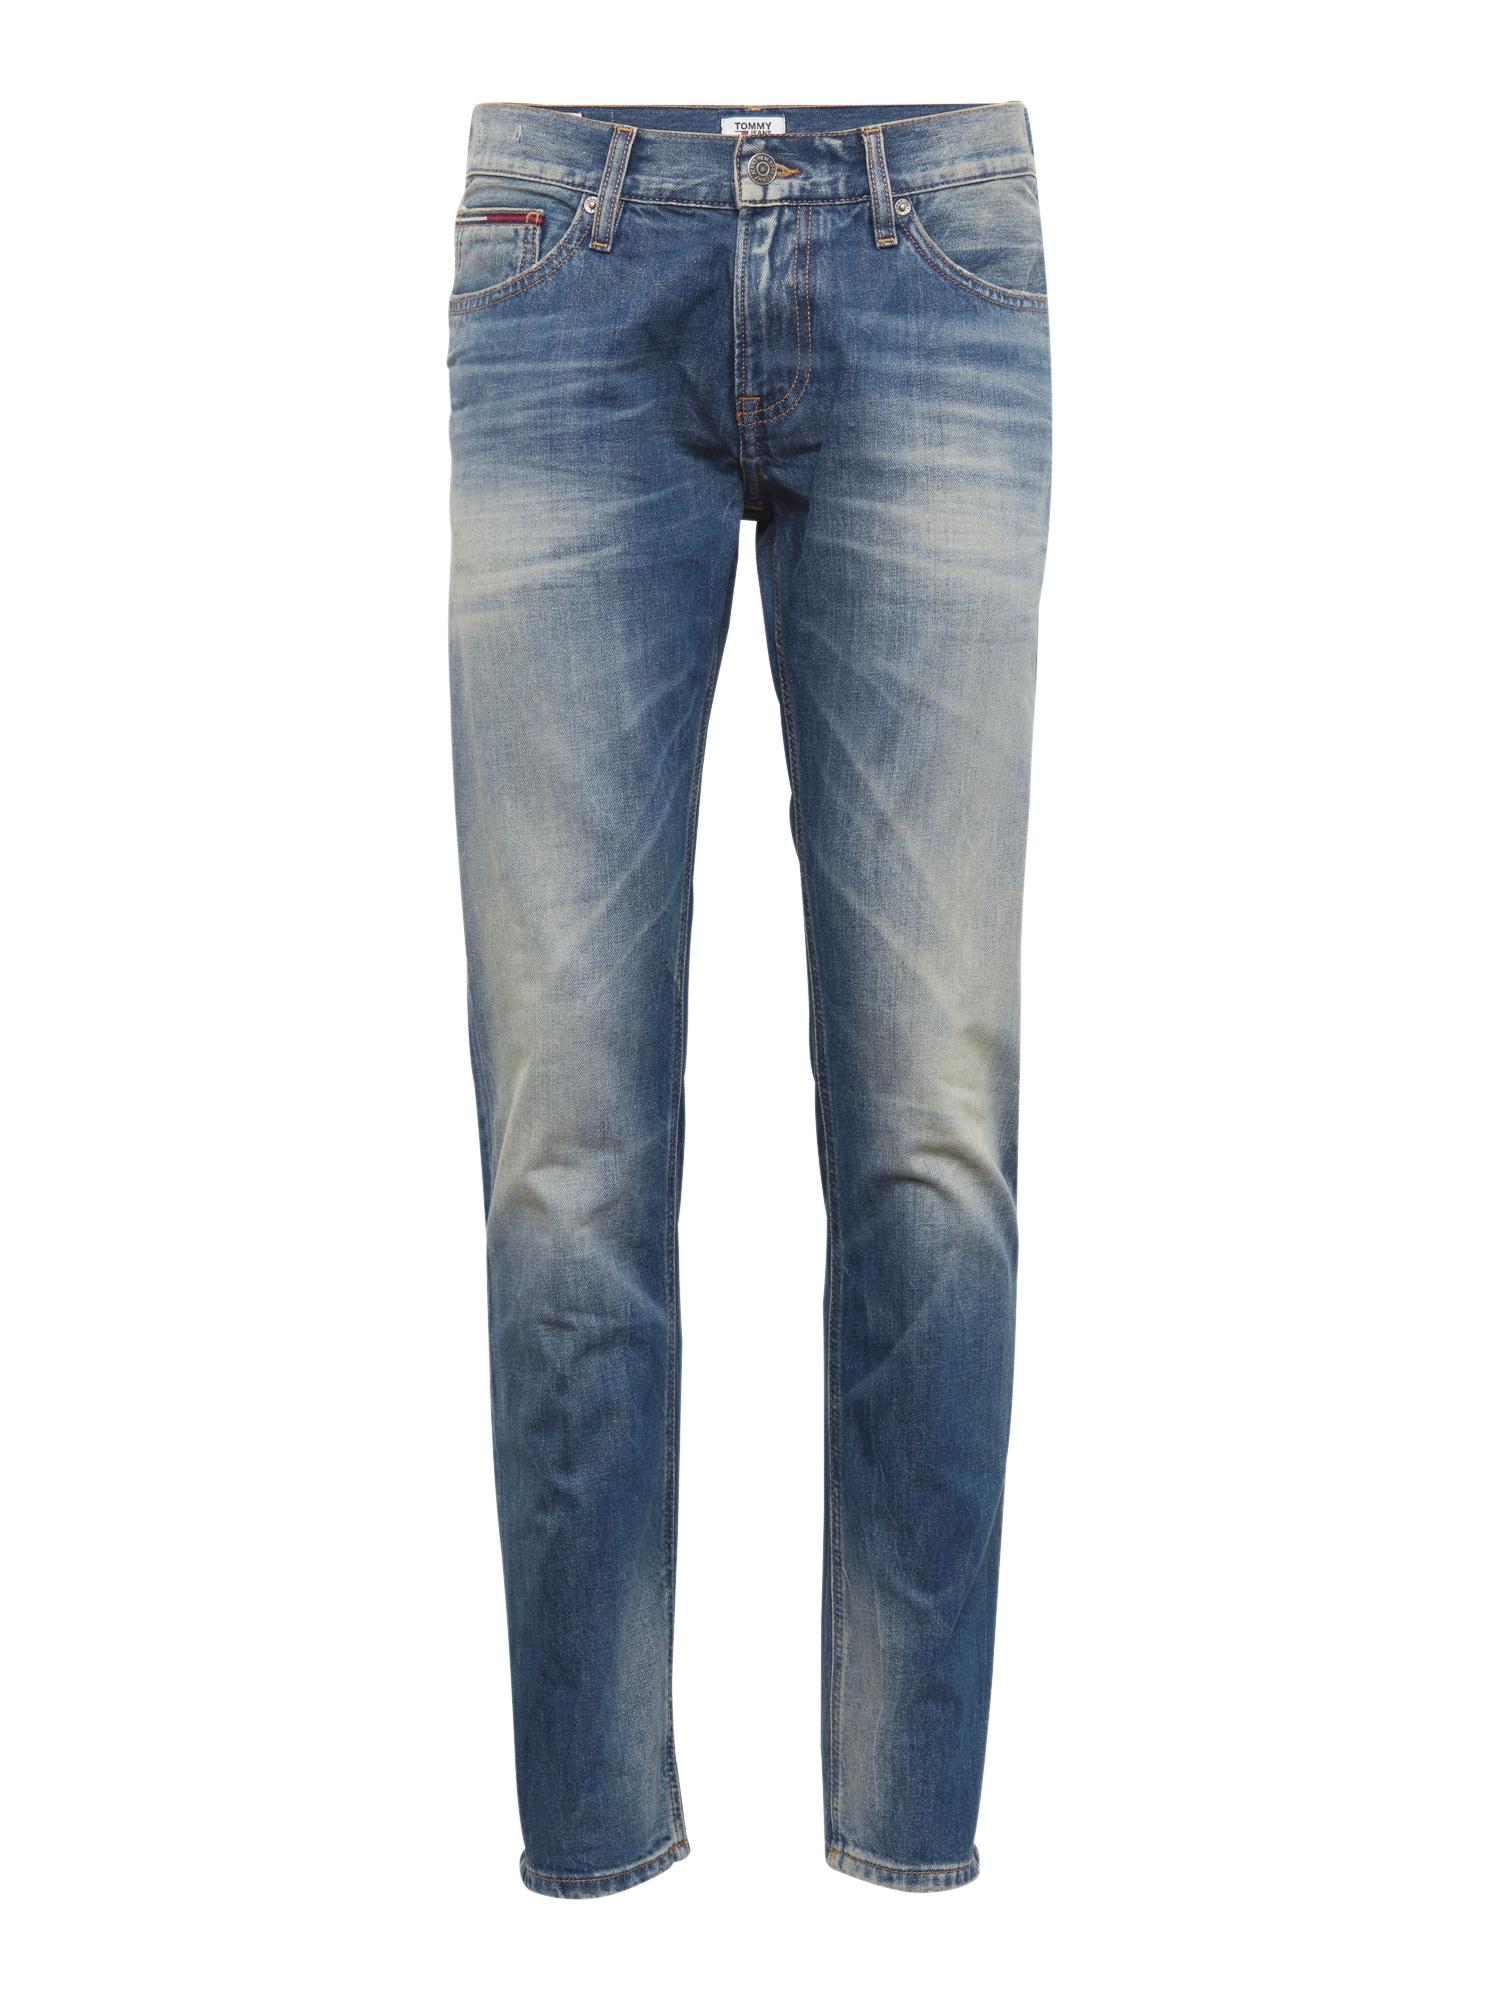 Džíny Slim Scanton PEB modrá džínovina Tommy Jeans